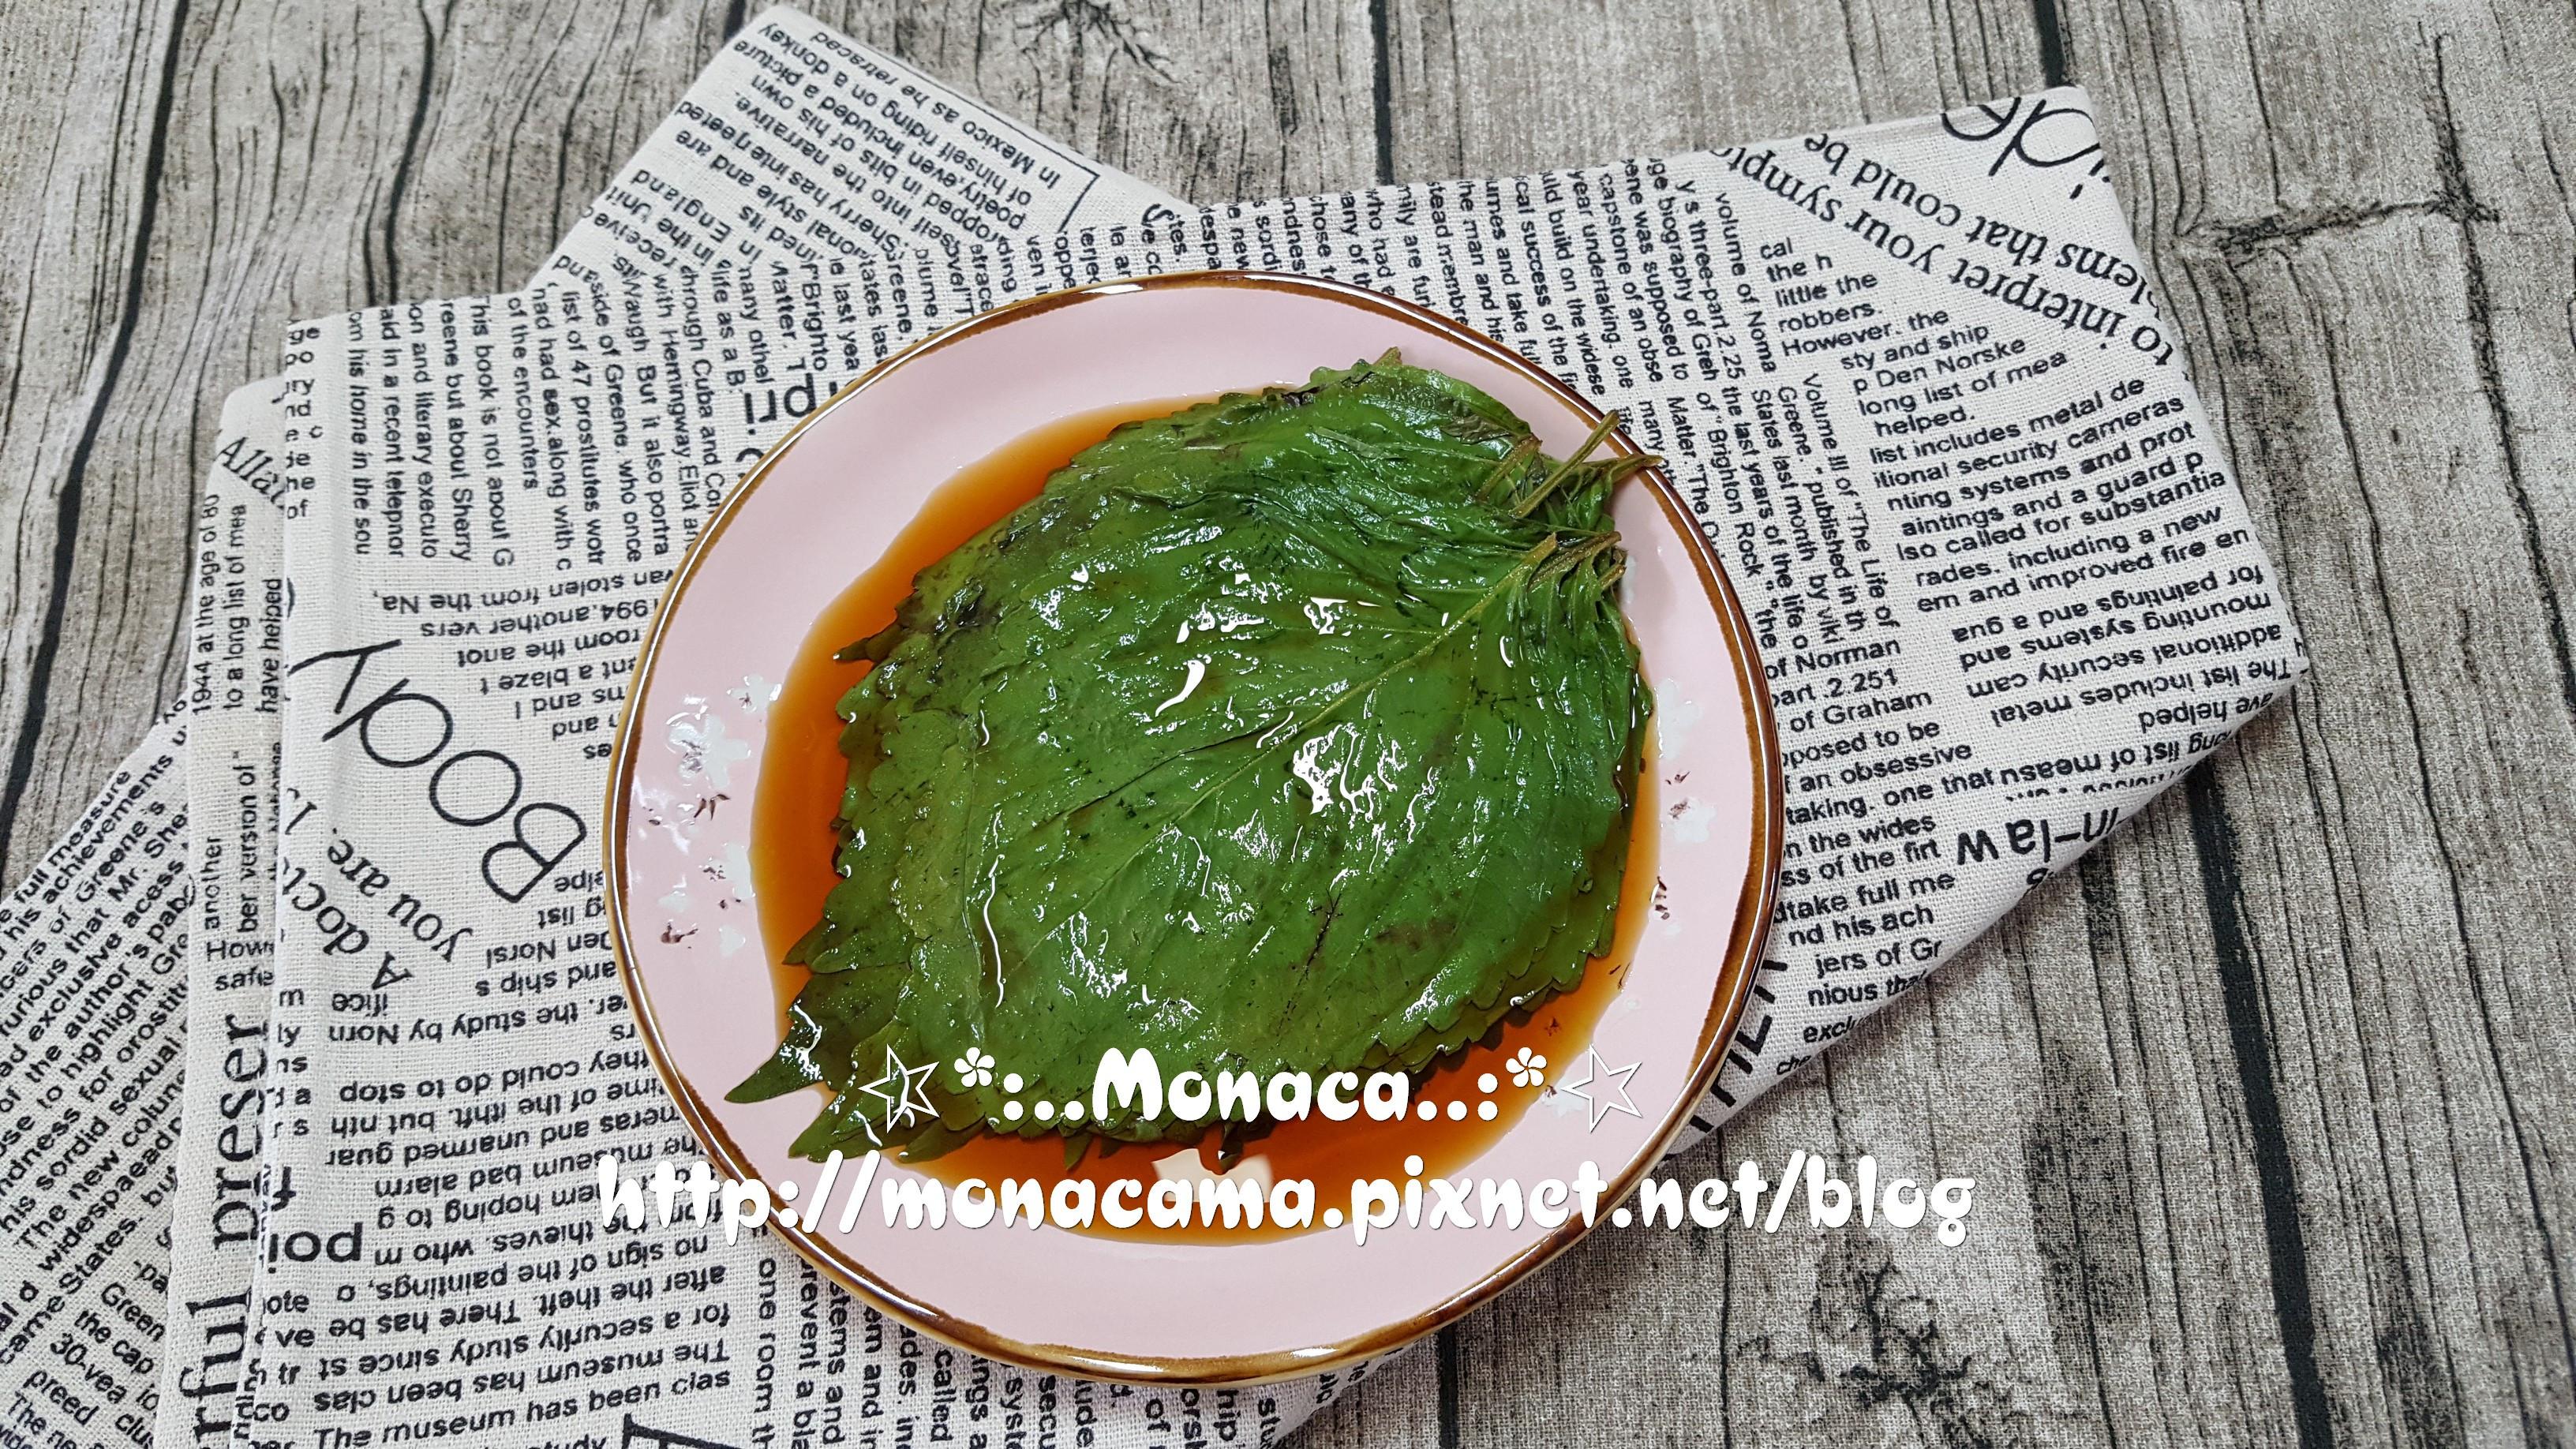 韓式醃芝麻葉깻잎장아찌